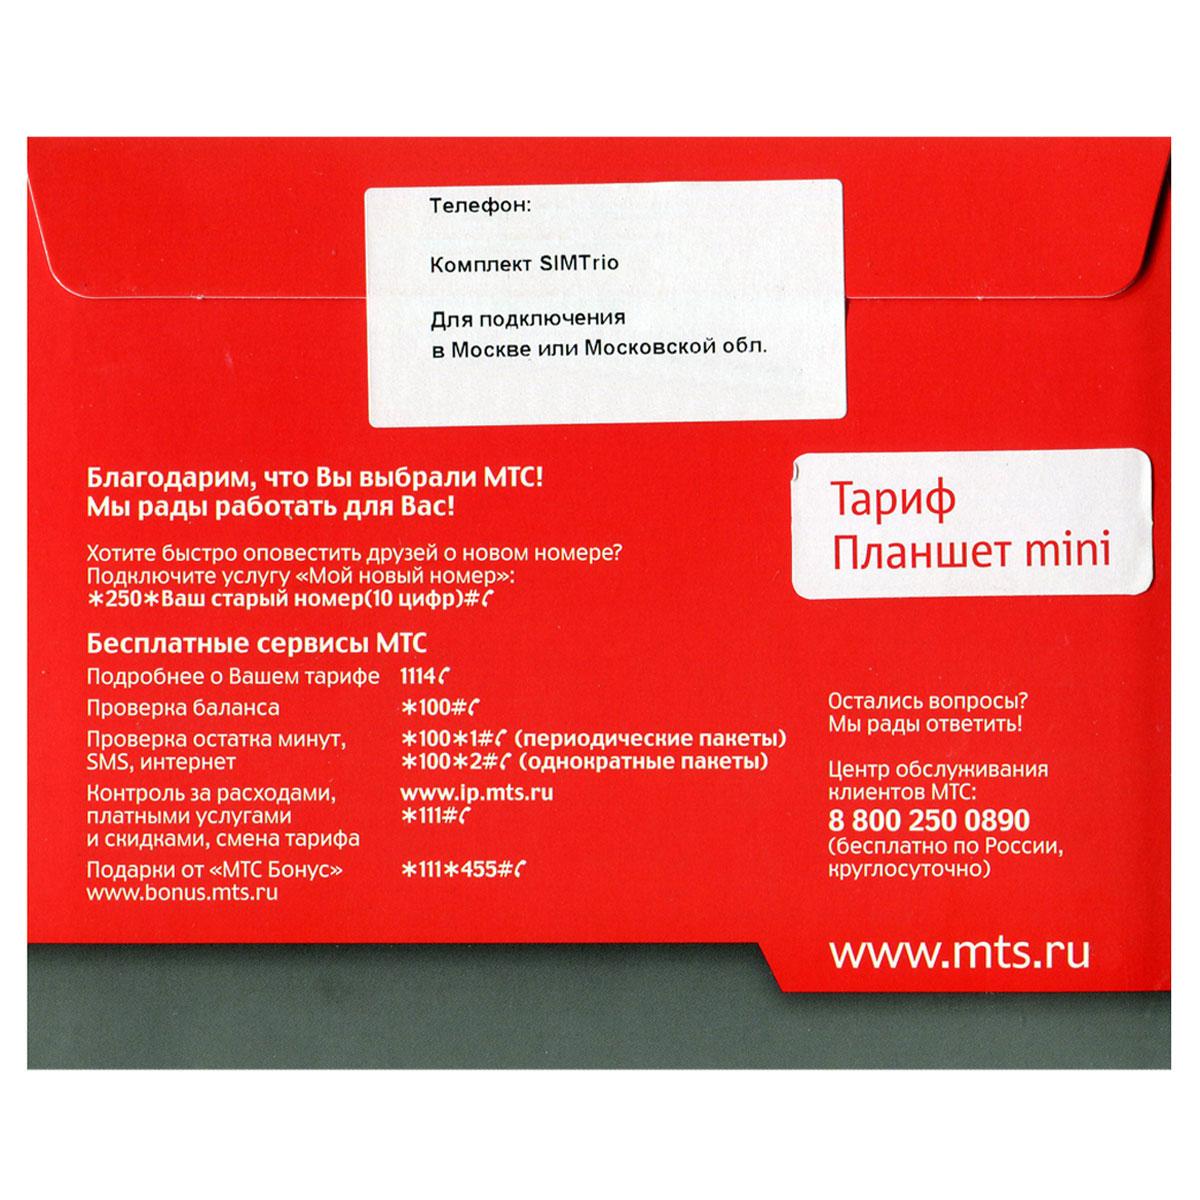 МТС Планшет Mini SIM-карта федеральный номер (Москва, Московская область)